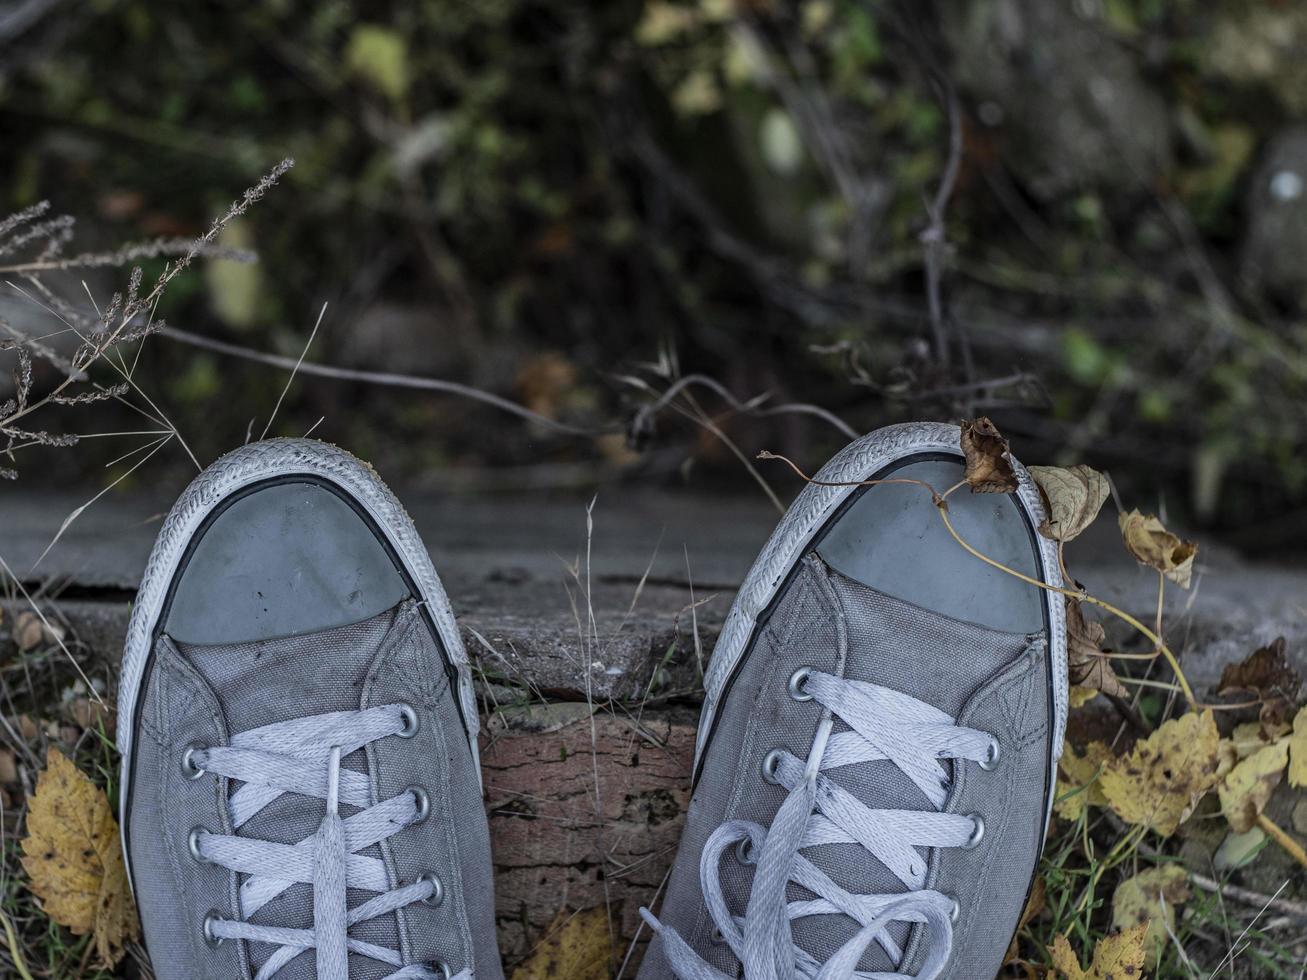 scarpe da ginnastica grigie sul visualizzatore che guardano sotto foto